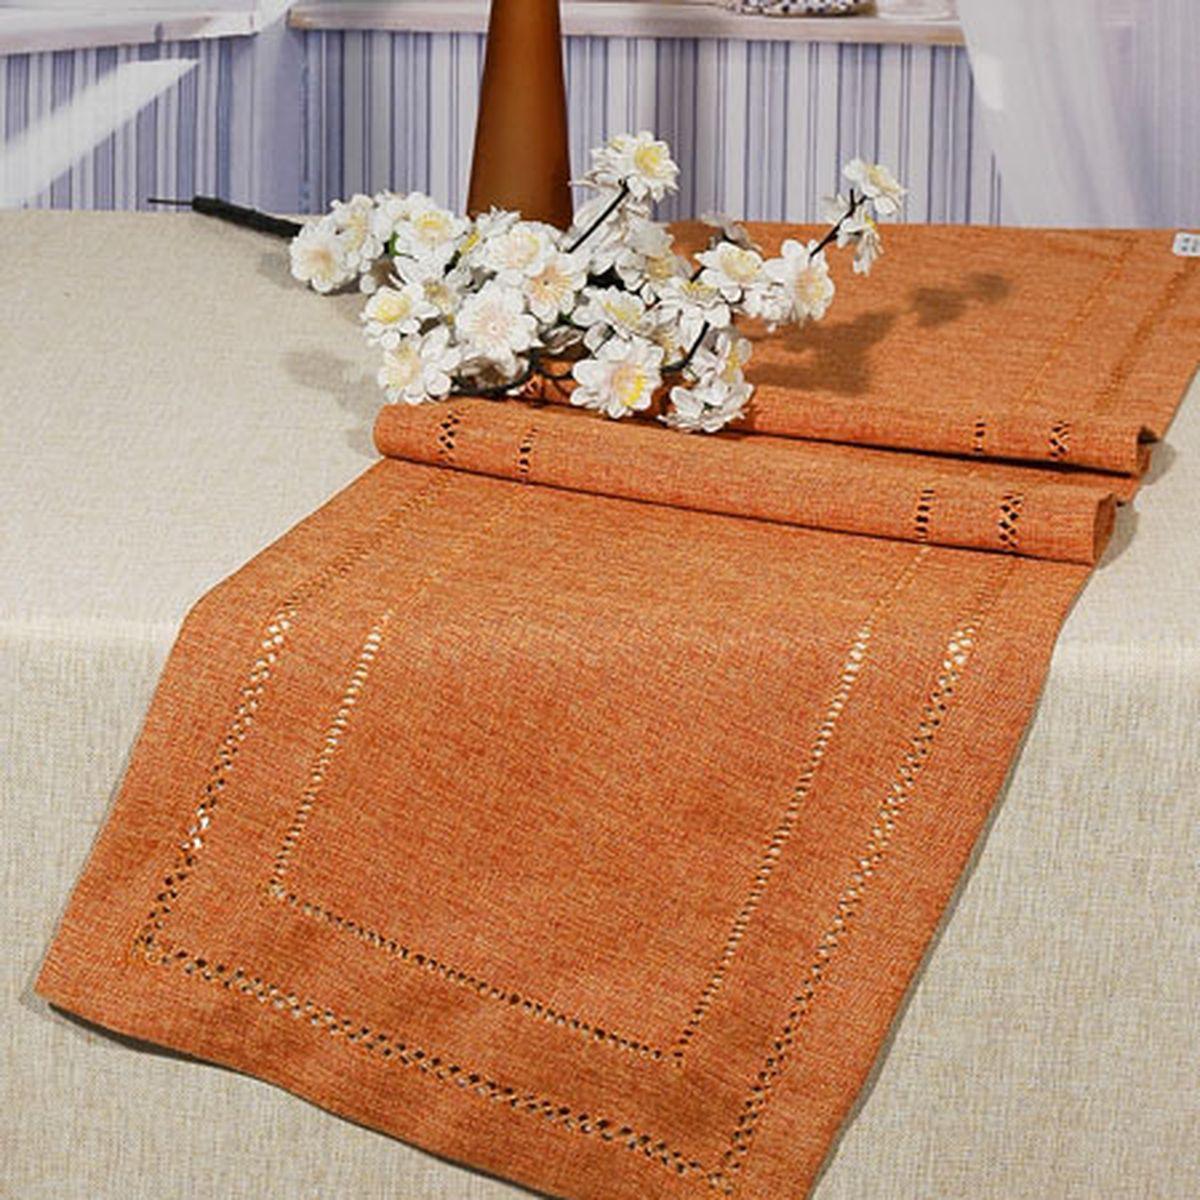 Дорожка для декорирования стола Schaefer, 40 x 140 см, цвет: оранжевый. 06733-211 дорожка 900 1500мм